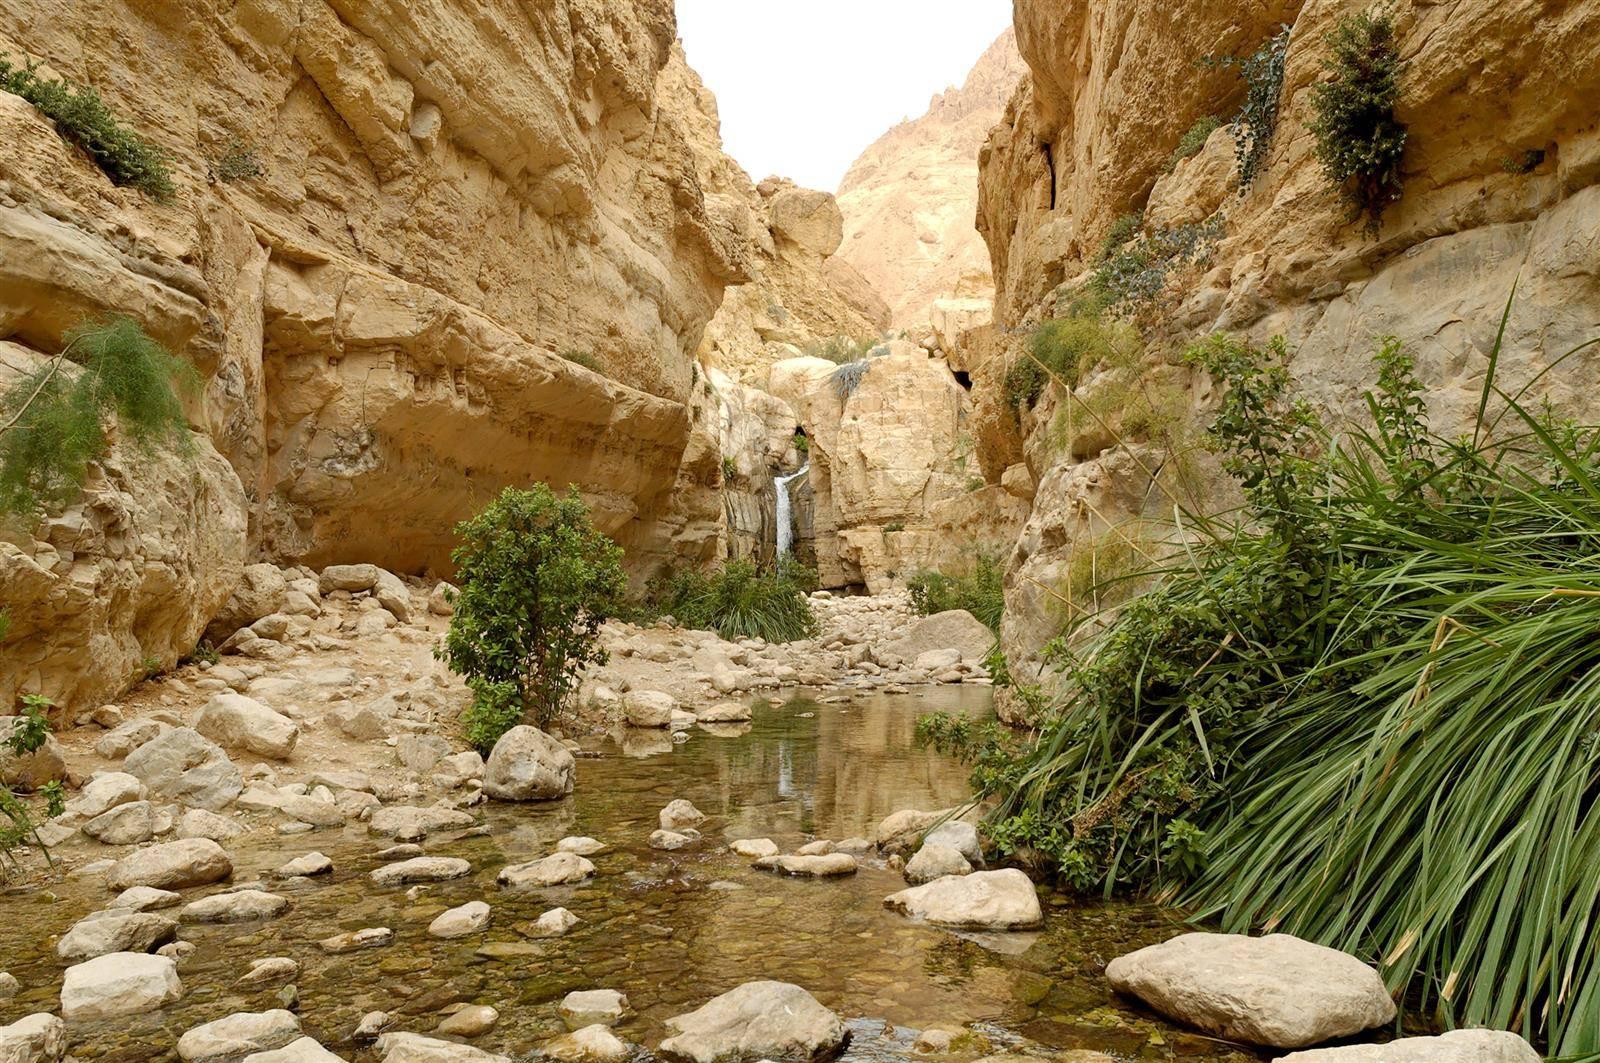 Израиль национальные парки и заповедники - лучшие, карта, матмон